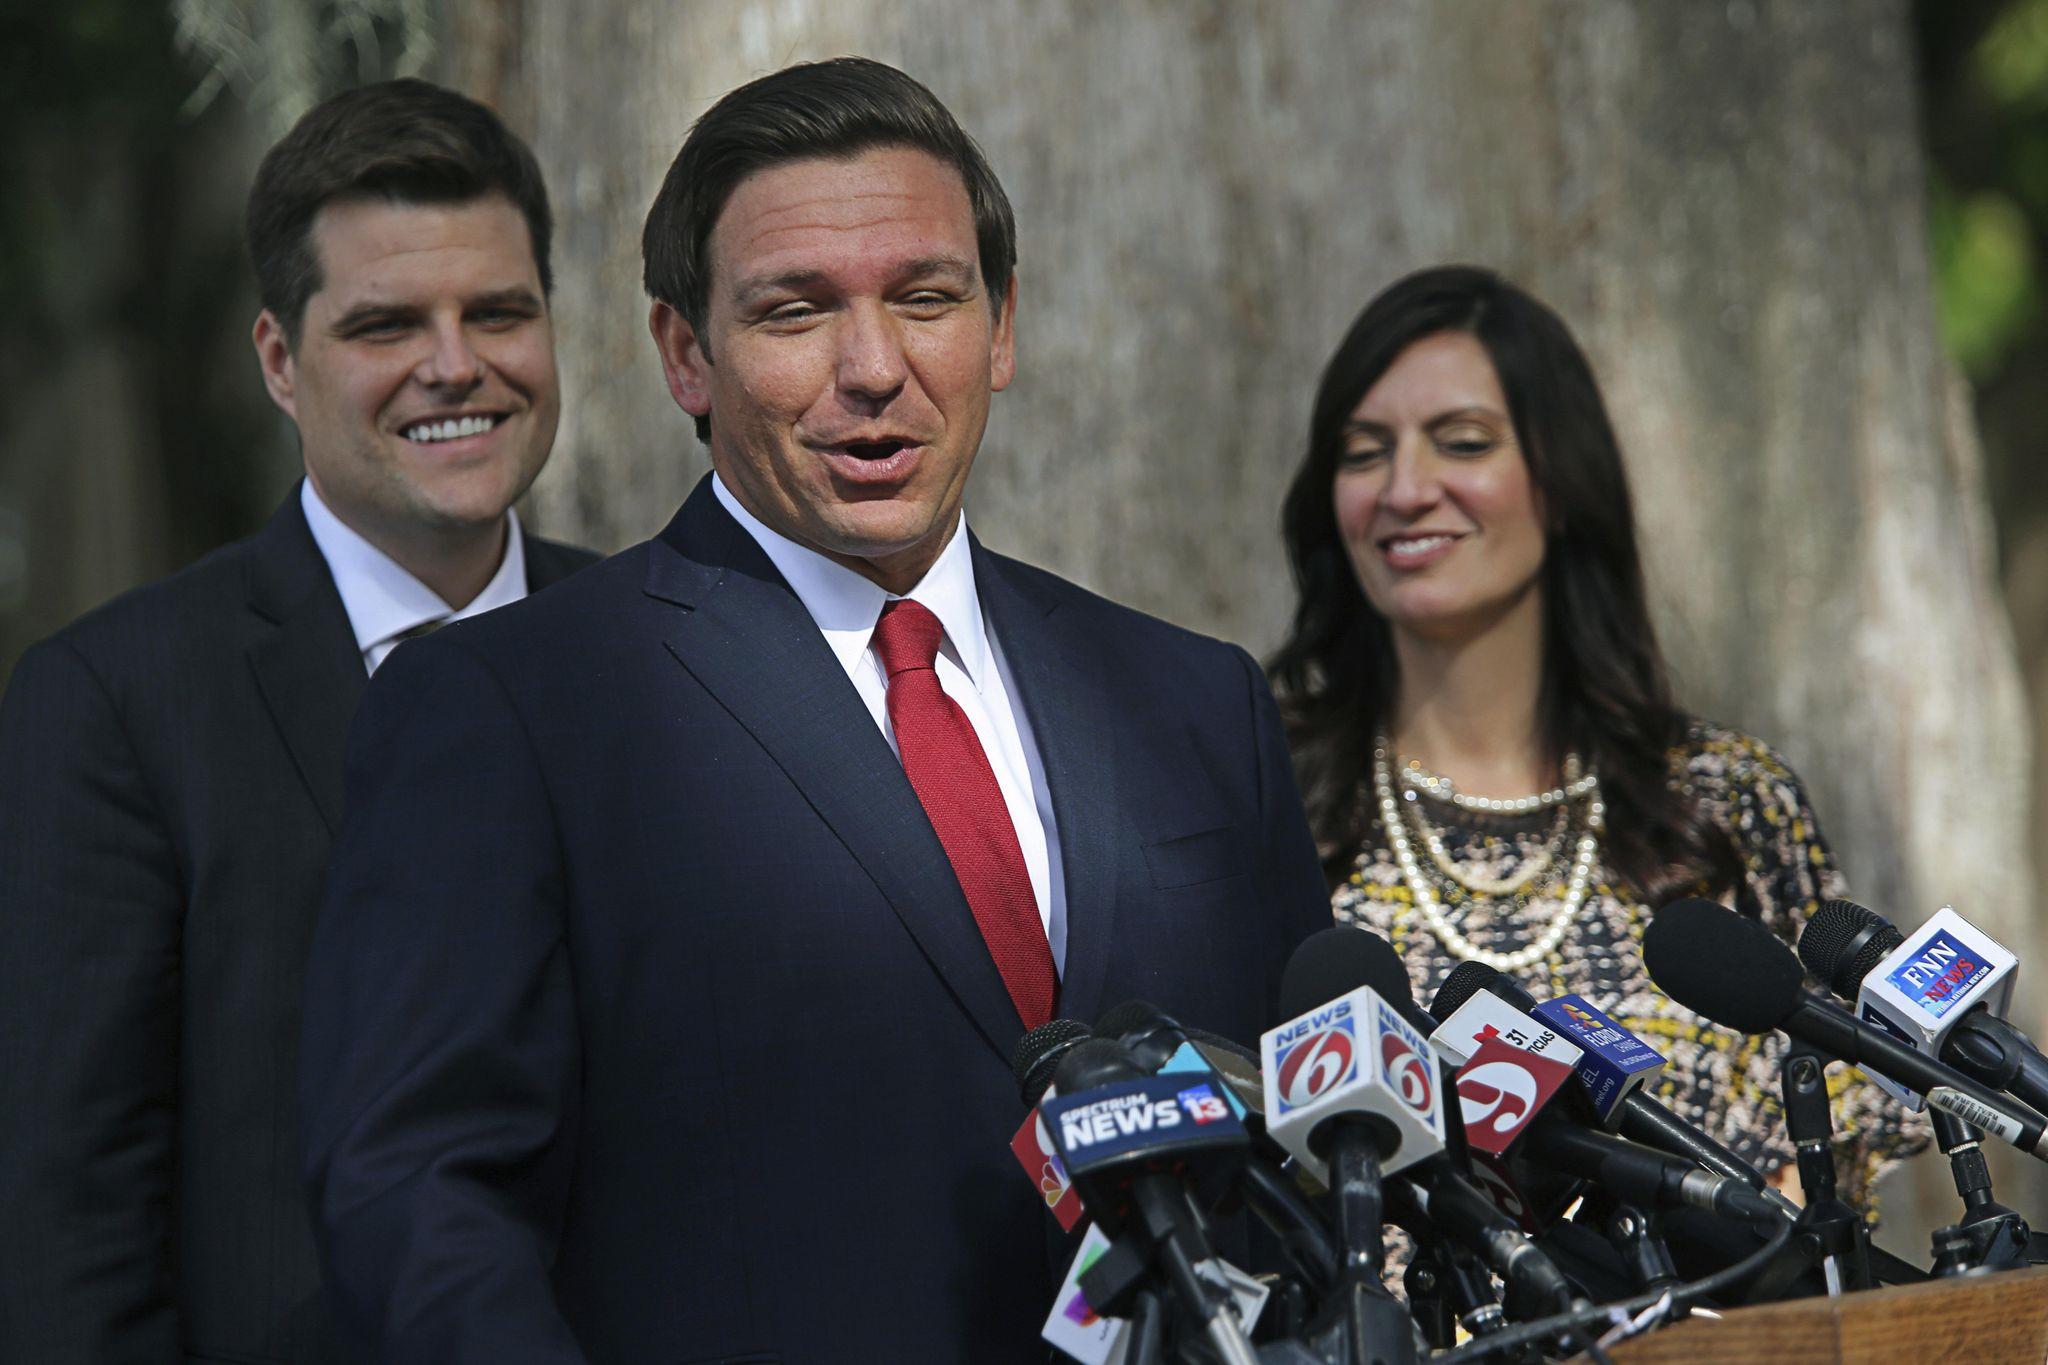 DeSantis calls for snuffing out Florida's ban on smoking medicinal marijuana